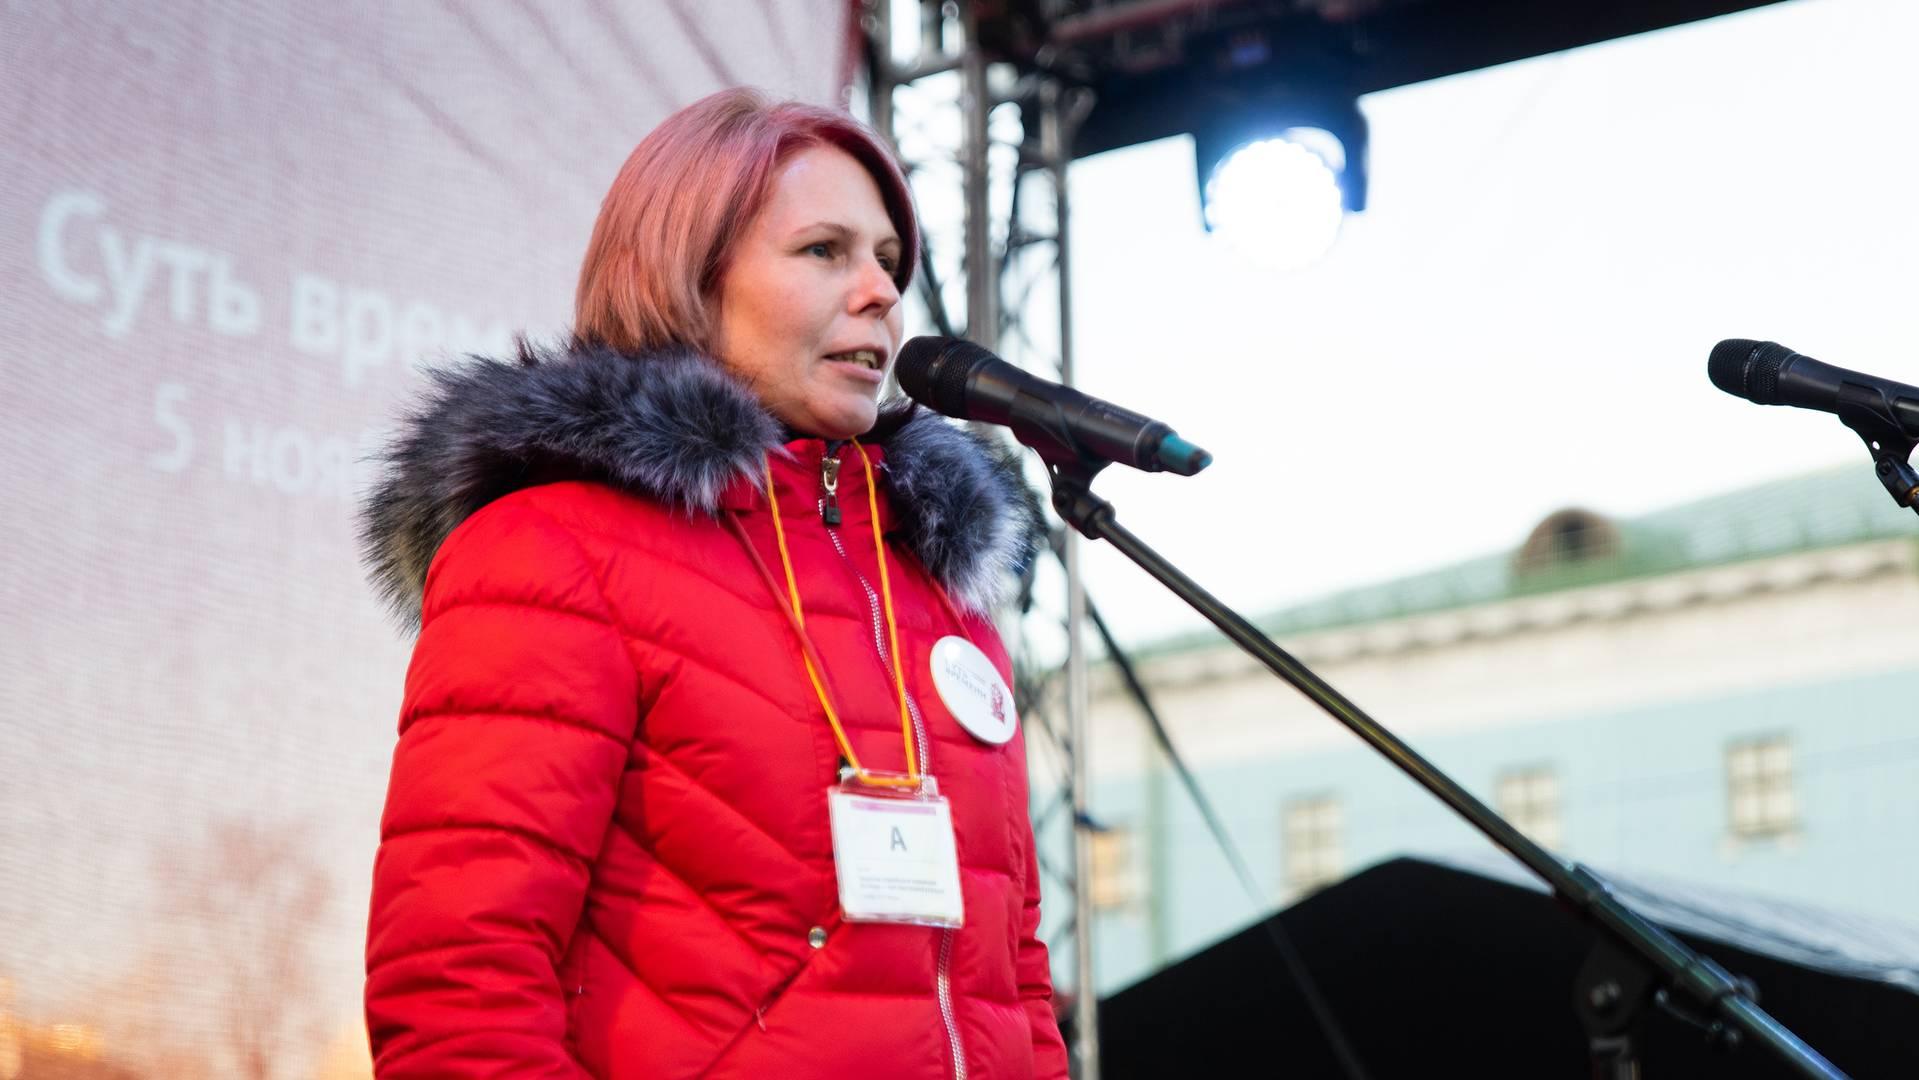 Елена Гроссман на митинге «Сути времени» в Москве, 5 ноября 2018 г.